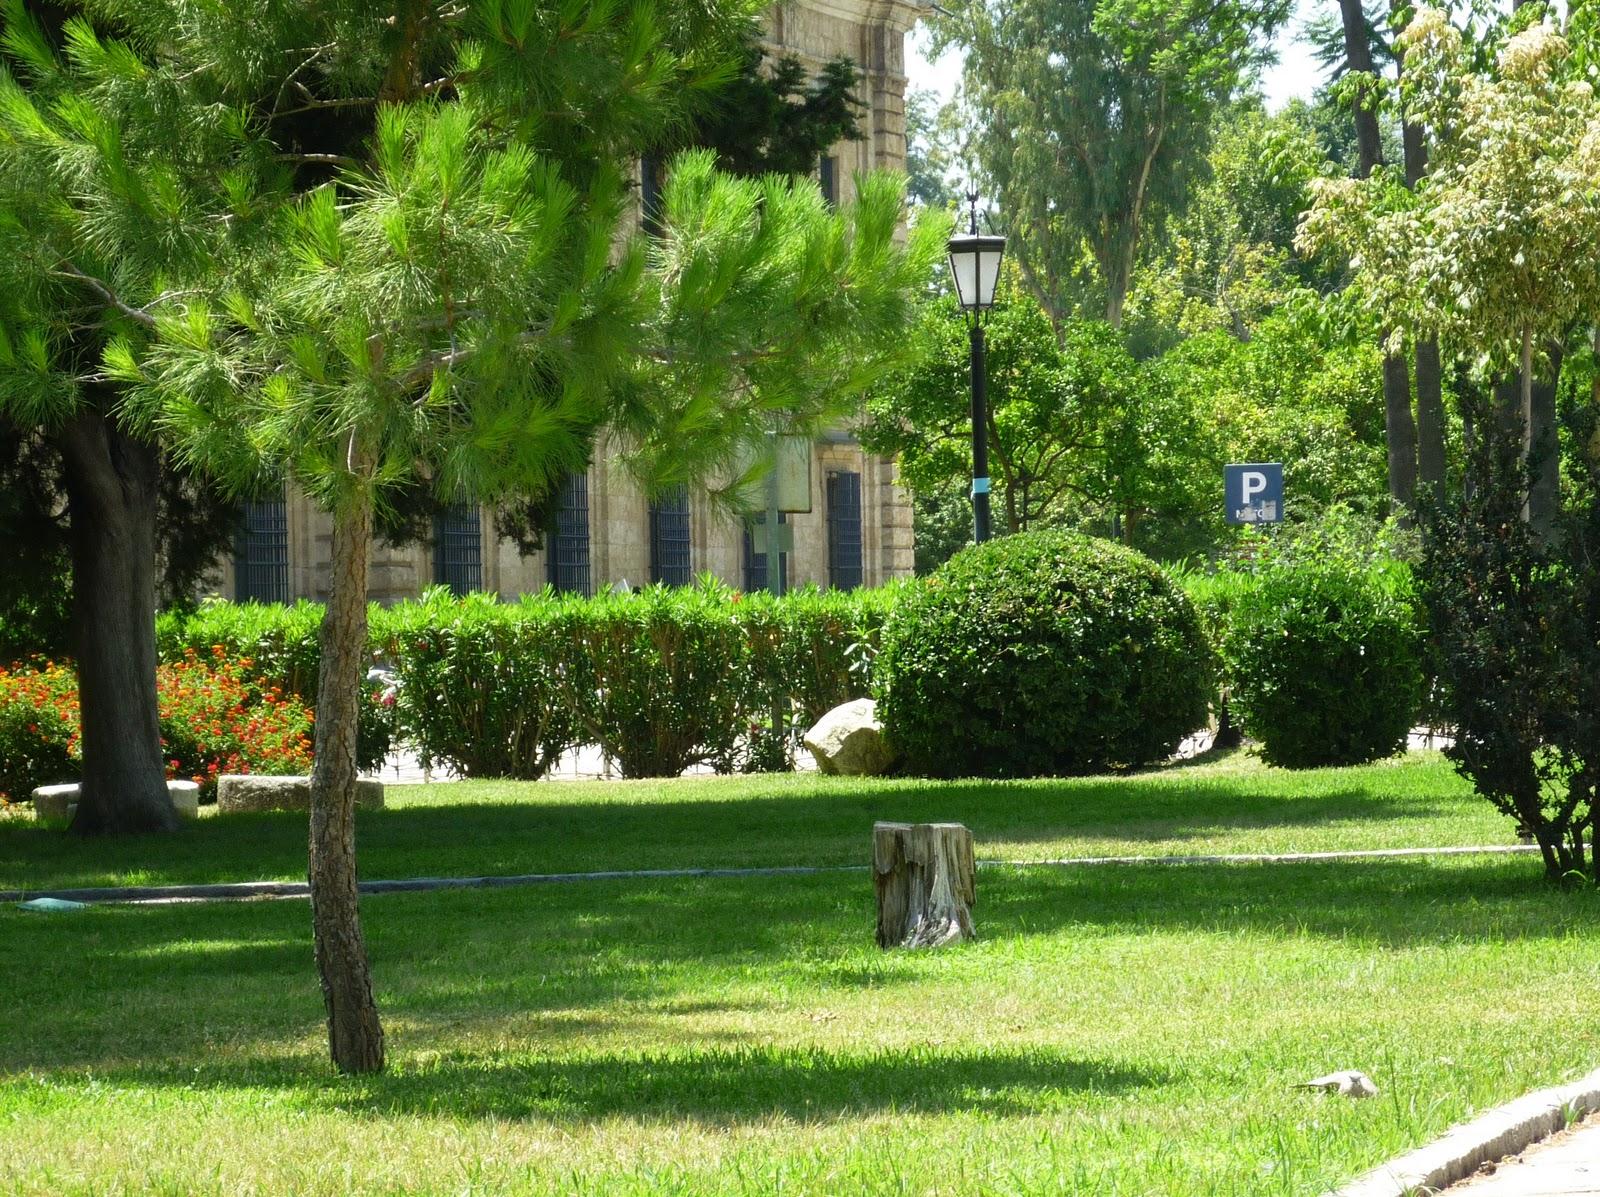 Arte y jardiner a las sombras en el jard n for Arbustos con flores para jardin